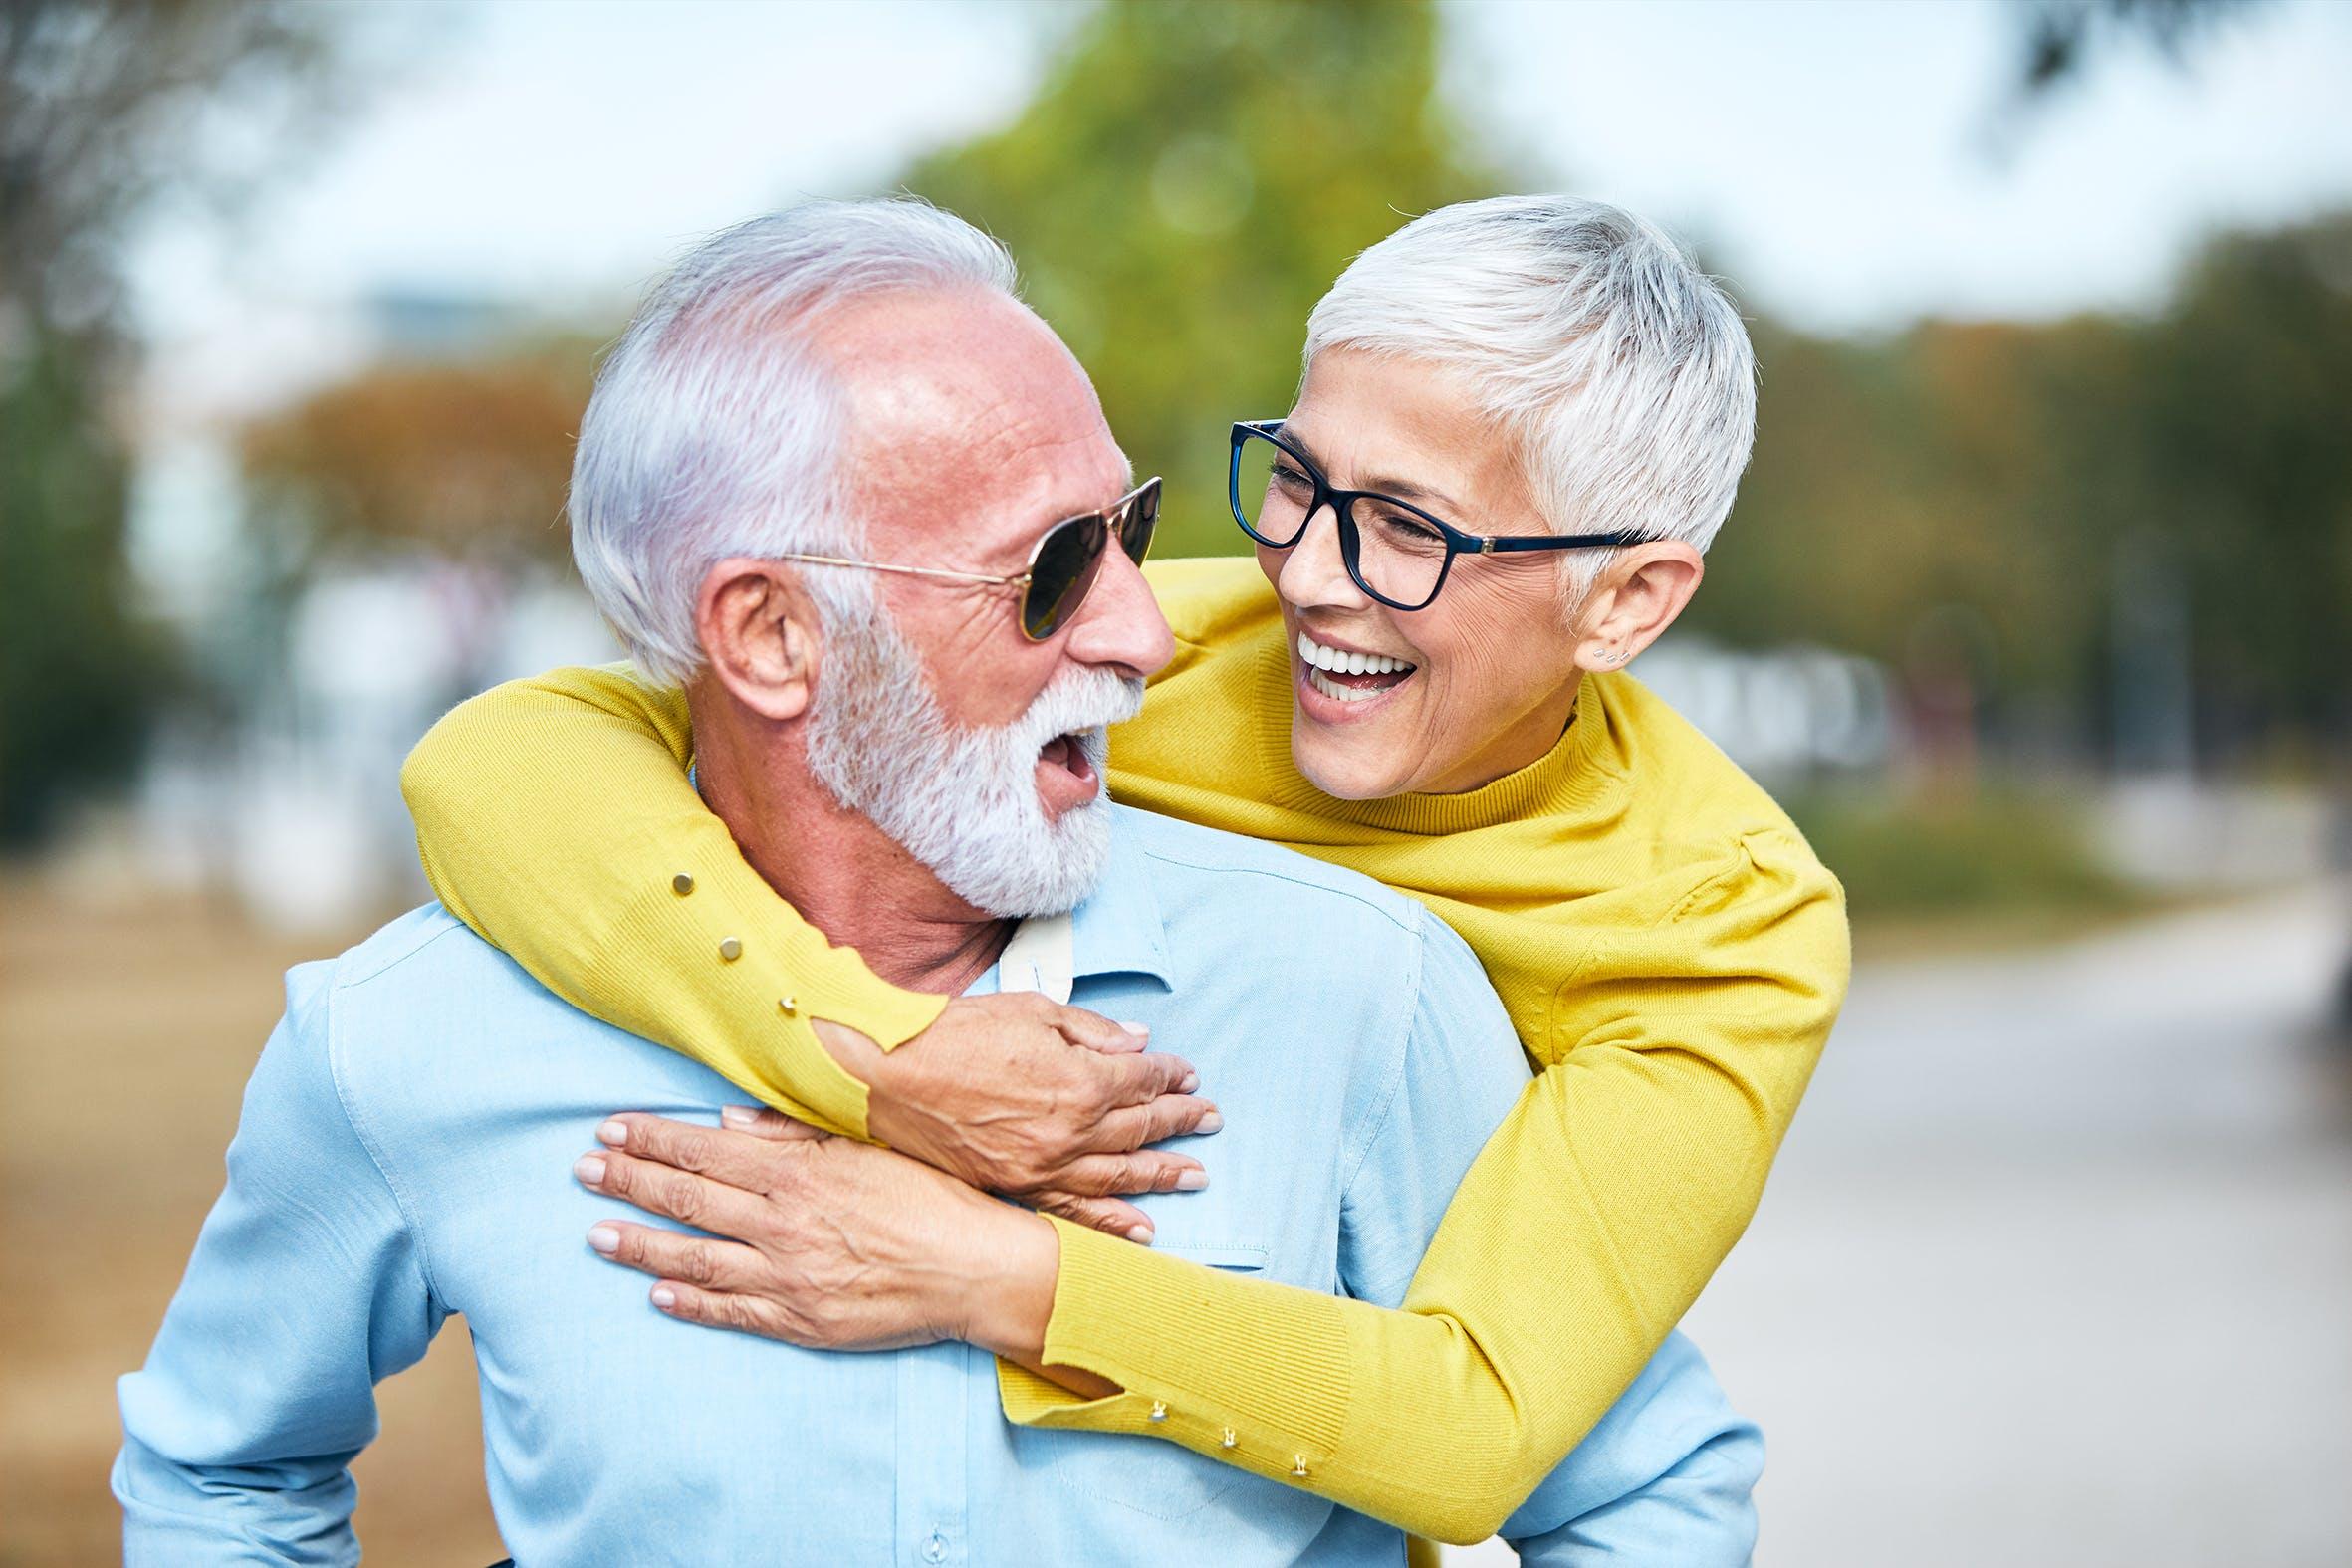 rencontre homme riche belgique rencontres entre femmes seniors